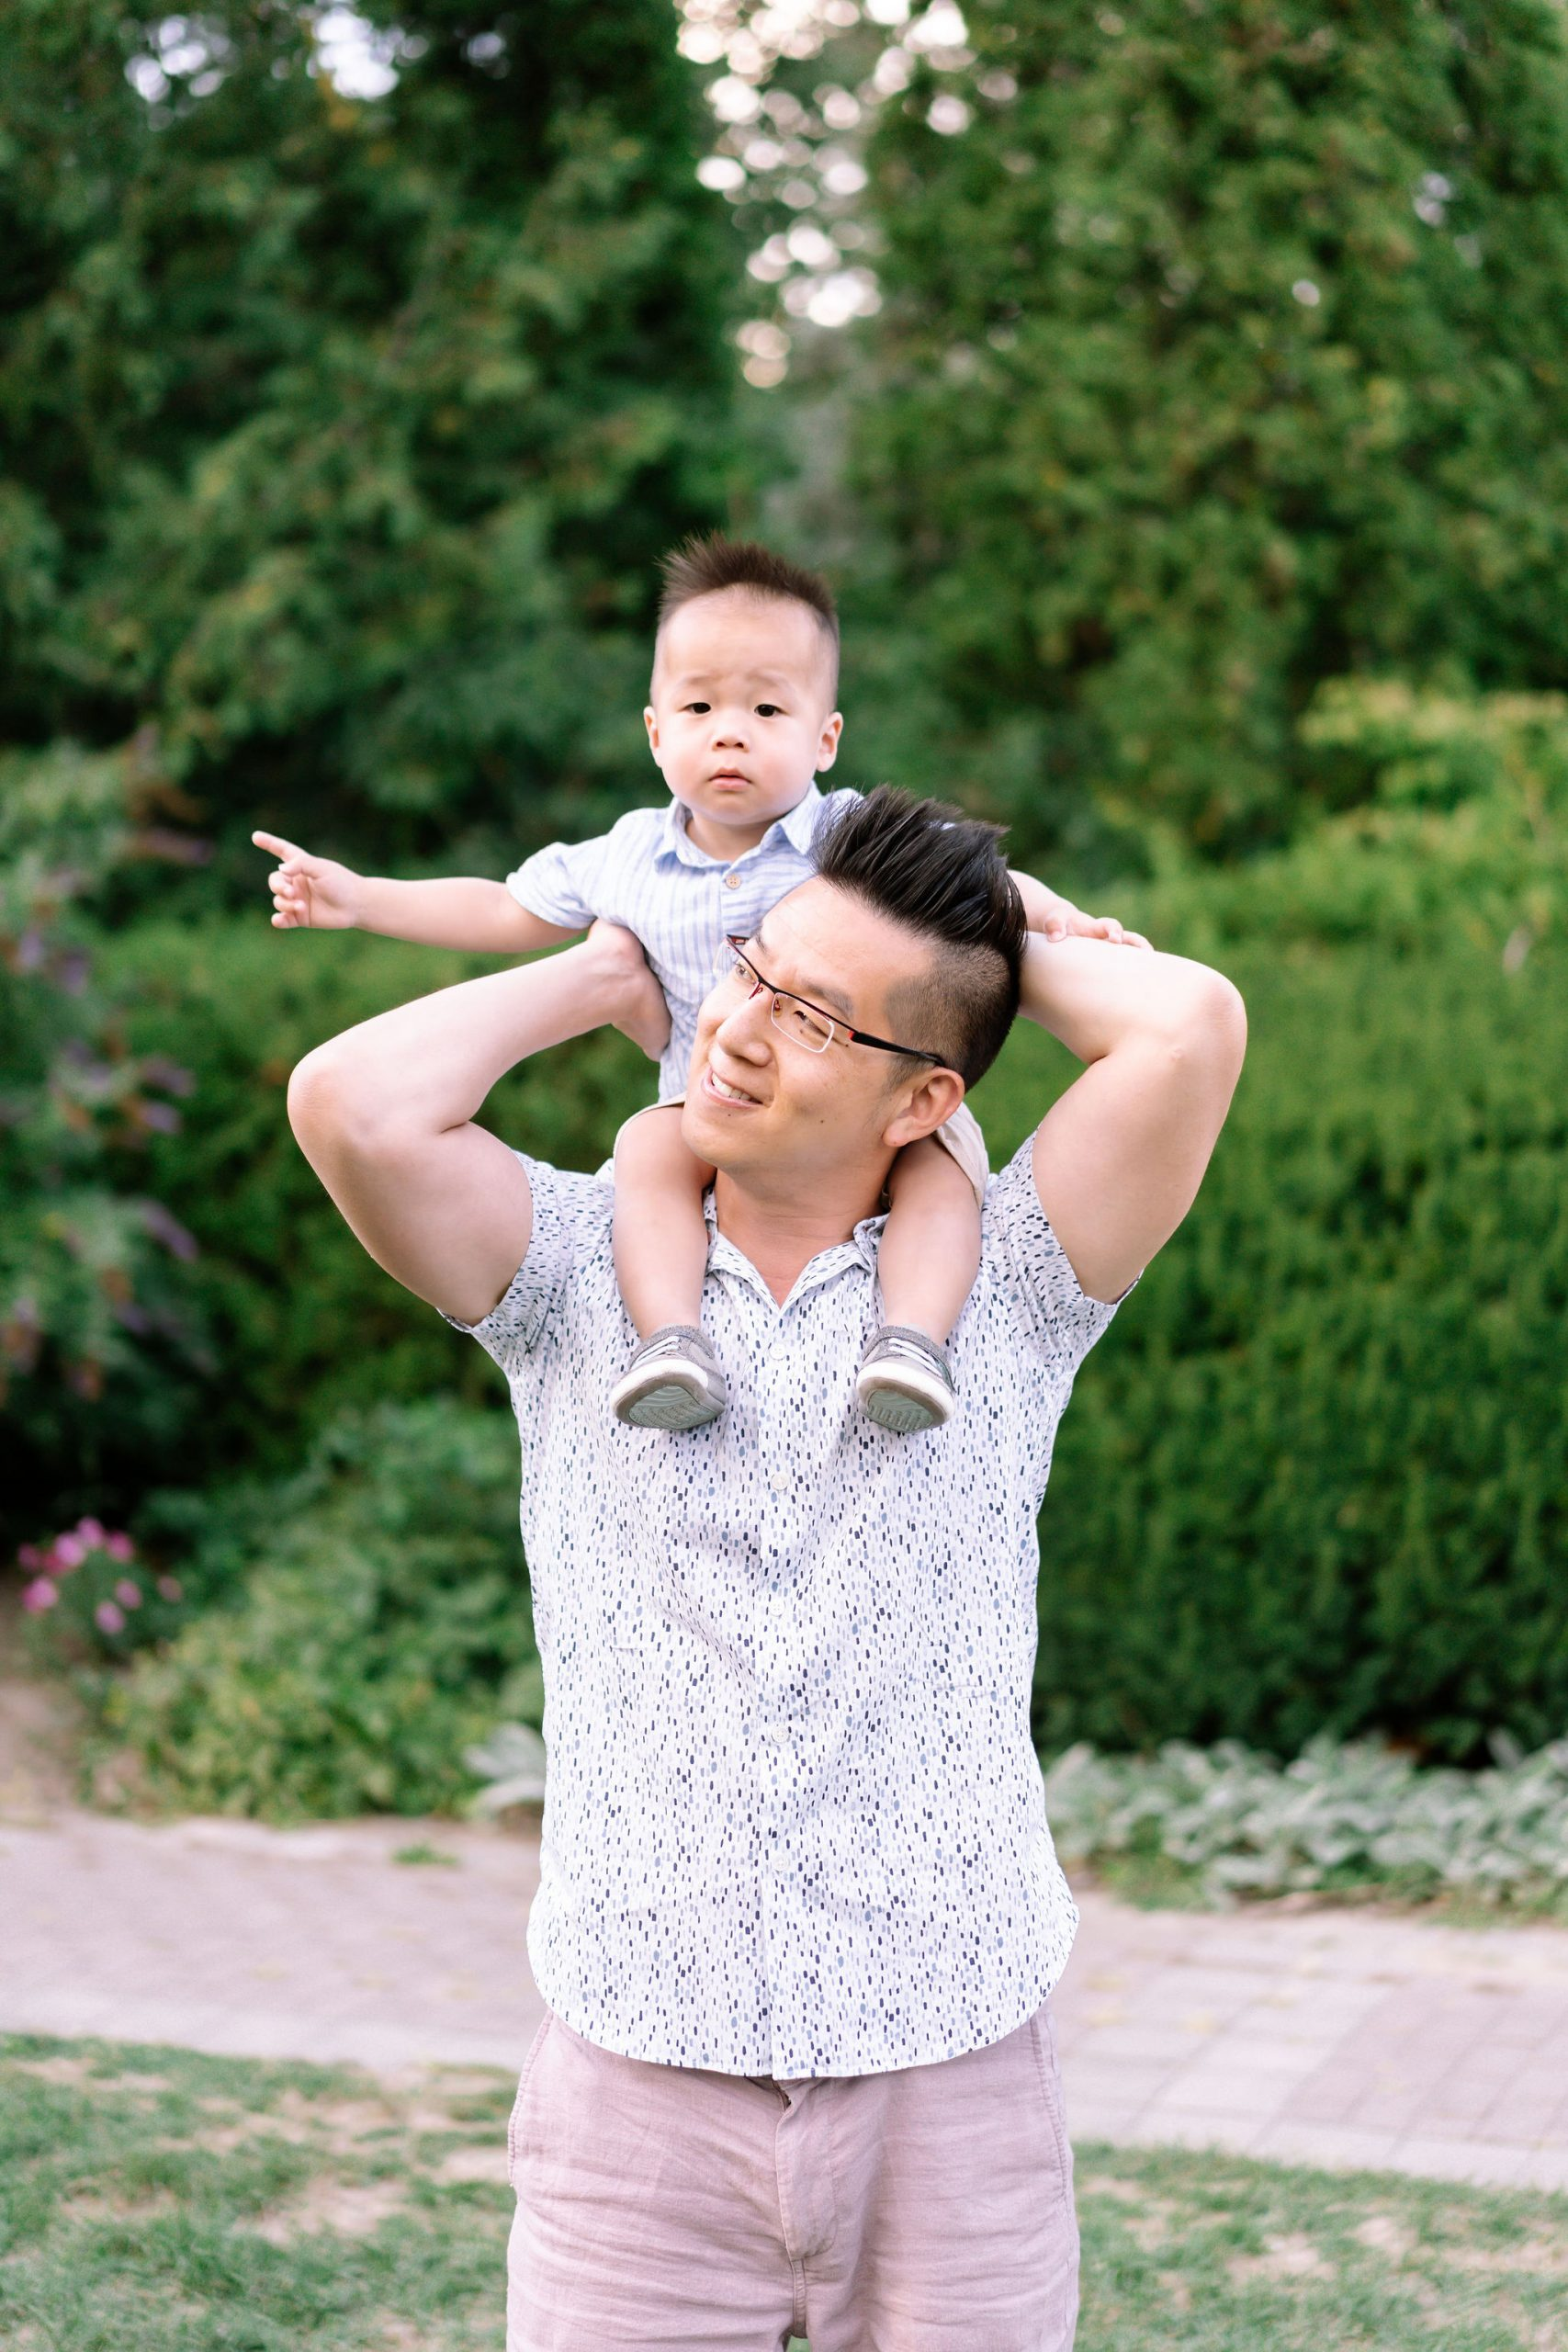 Father piggybacks his son